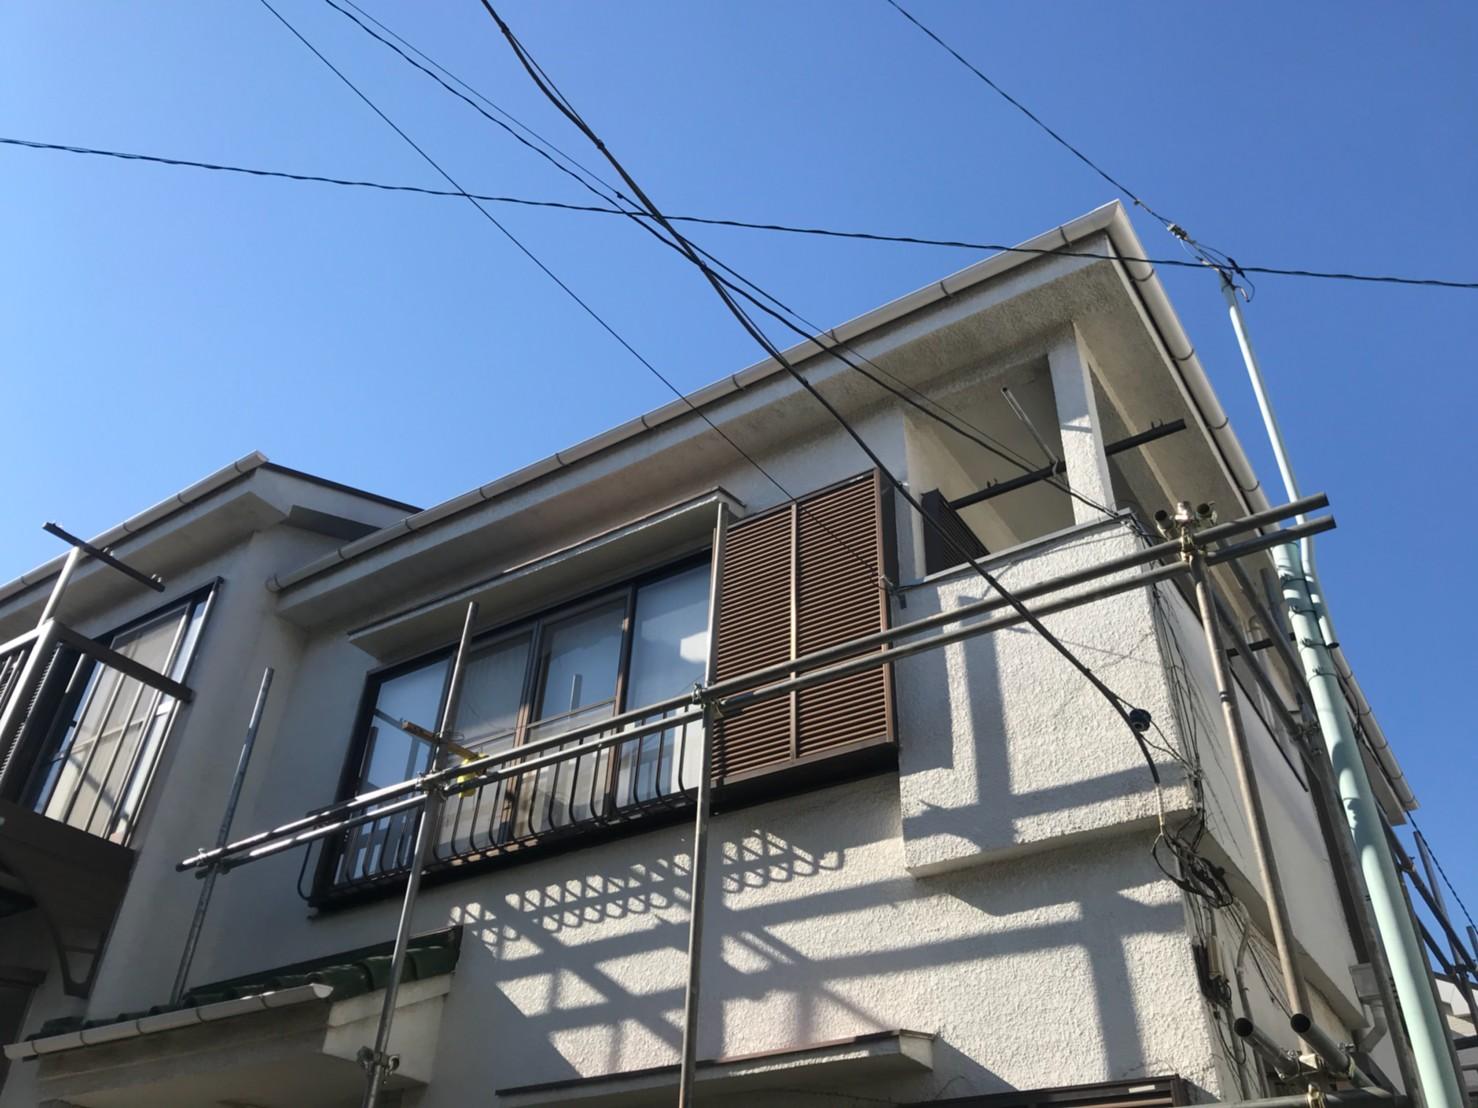 東京都葛飾区で火災保険申請による雨樋無料交換4